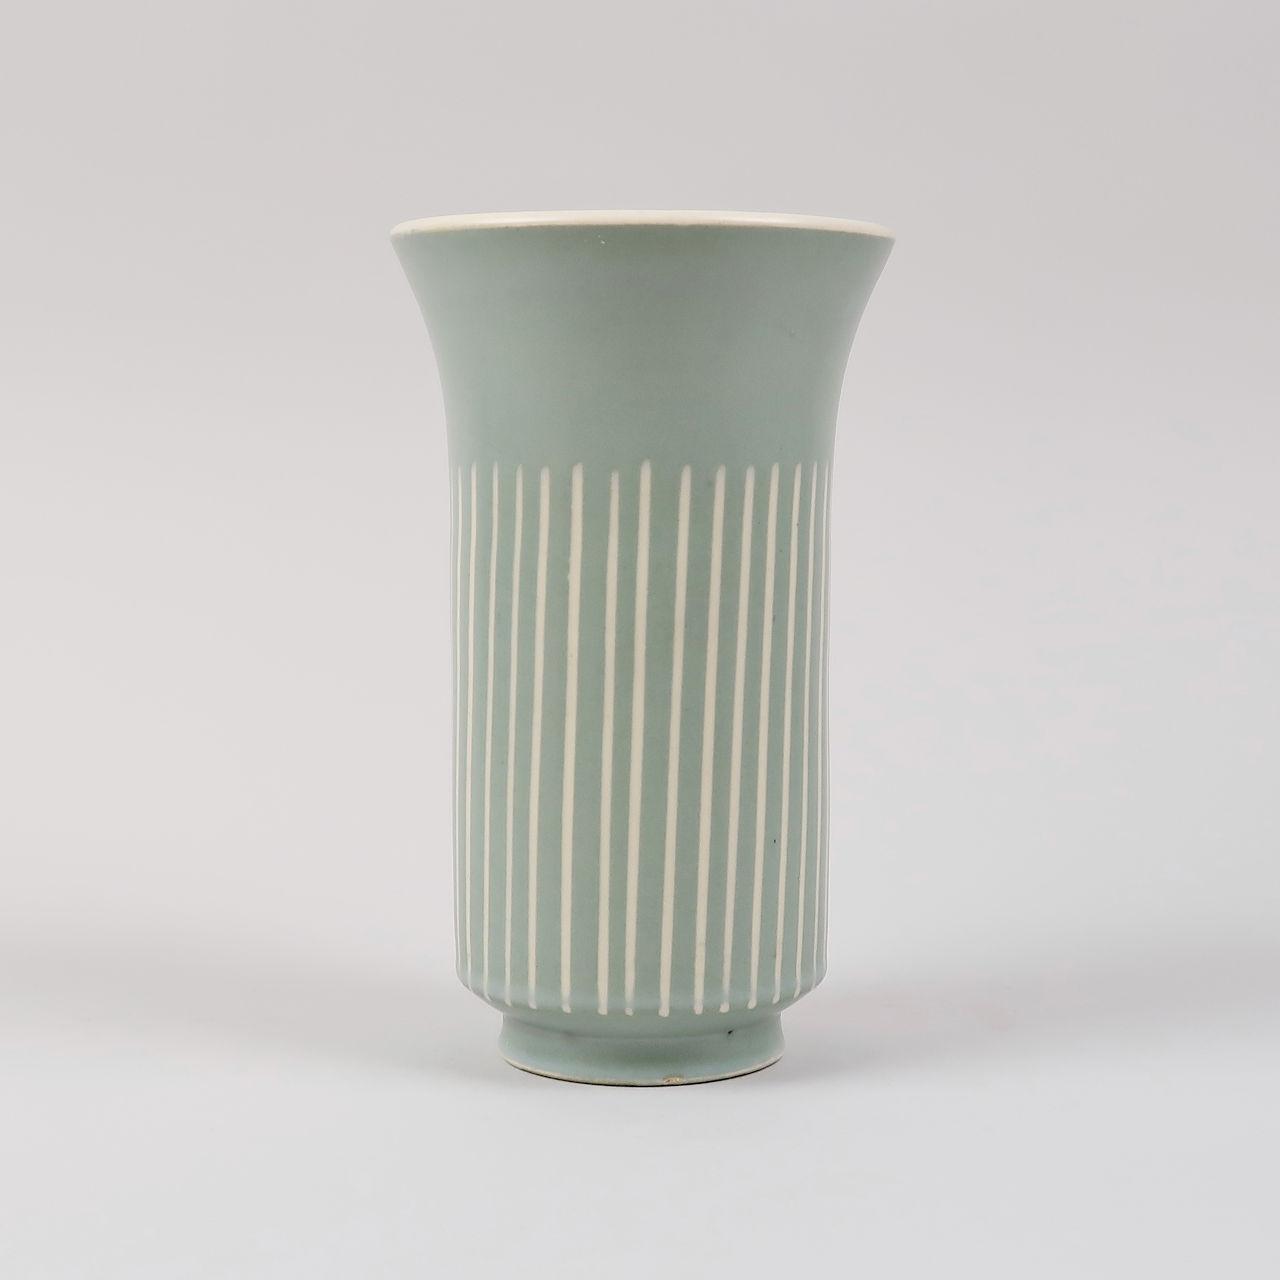 Prinknash Pottery Vase